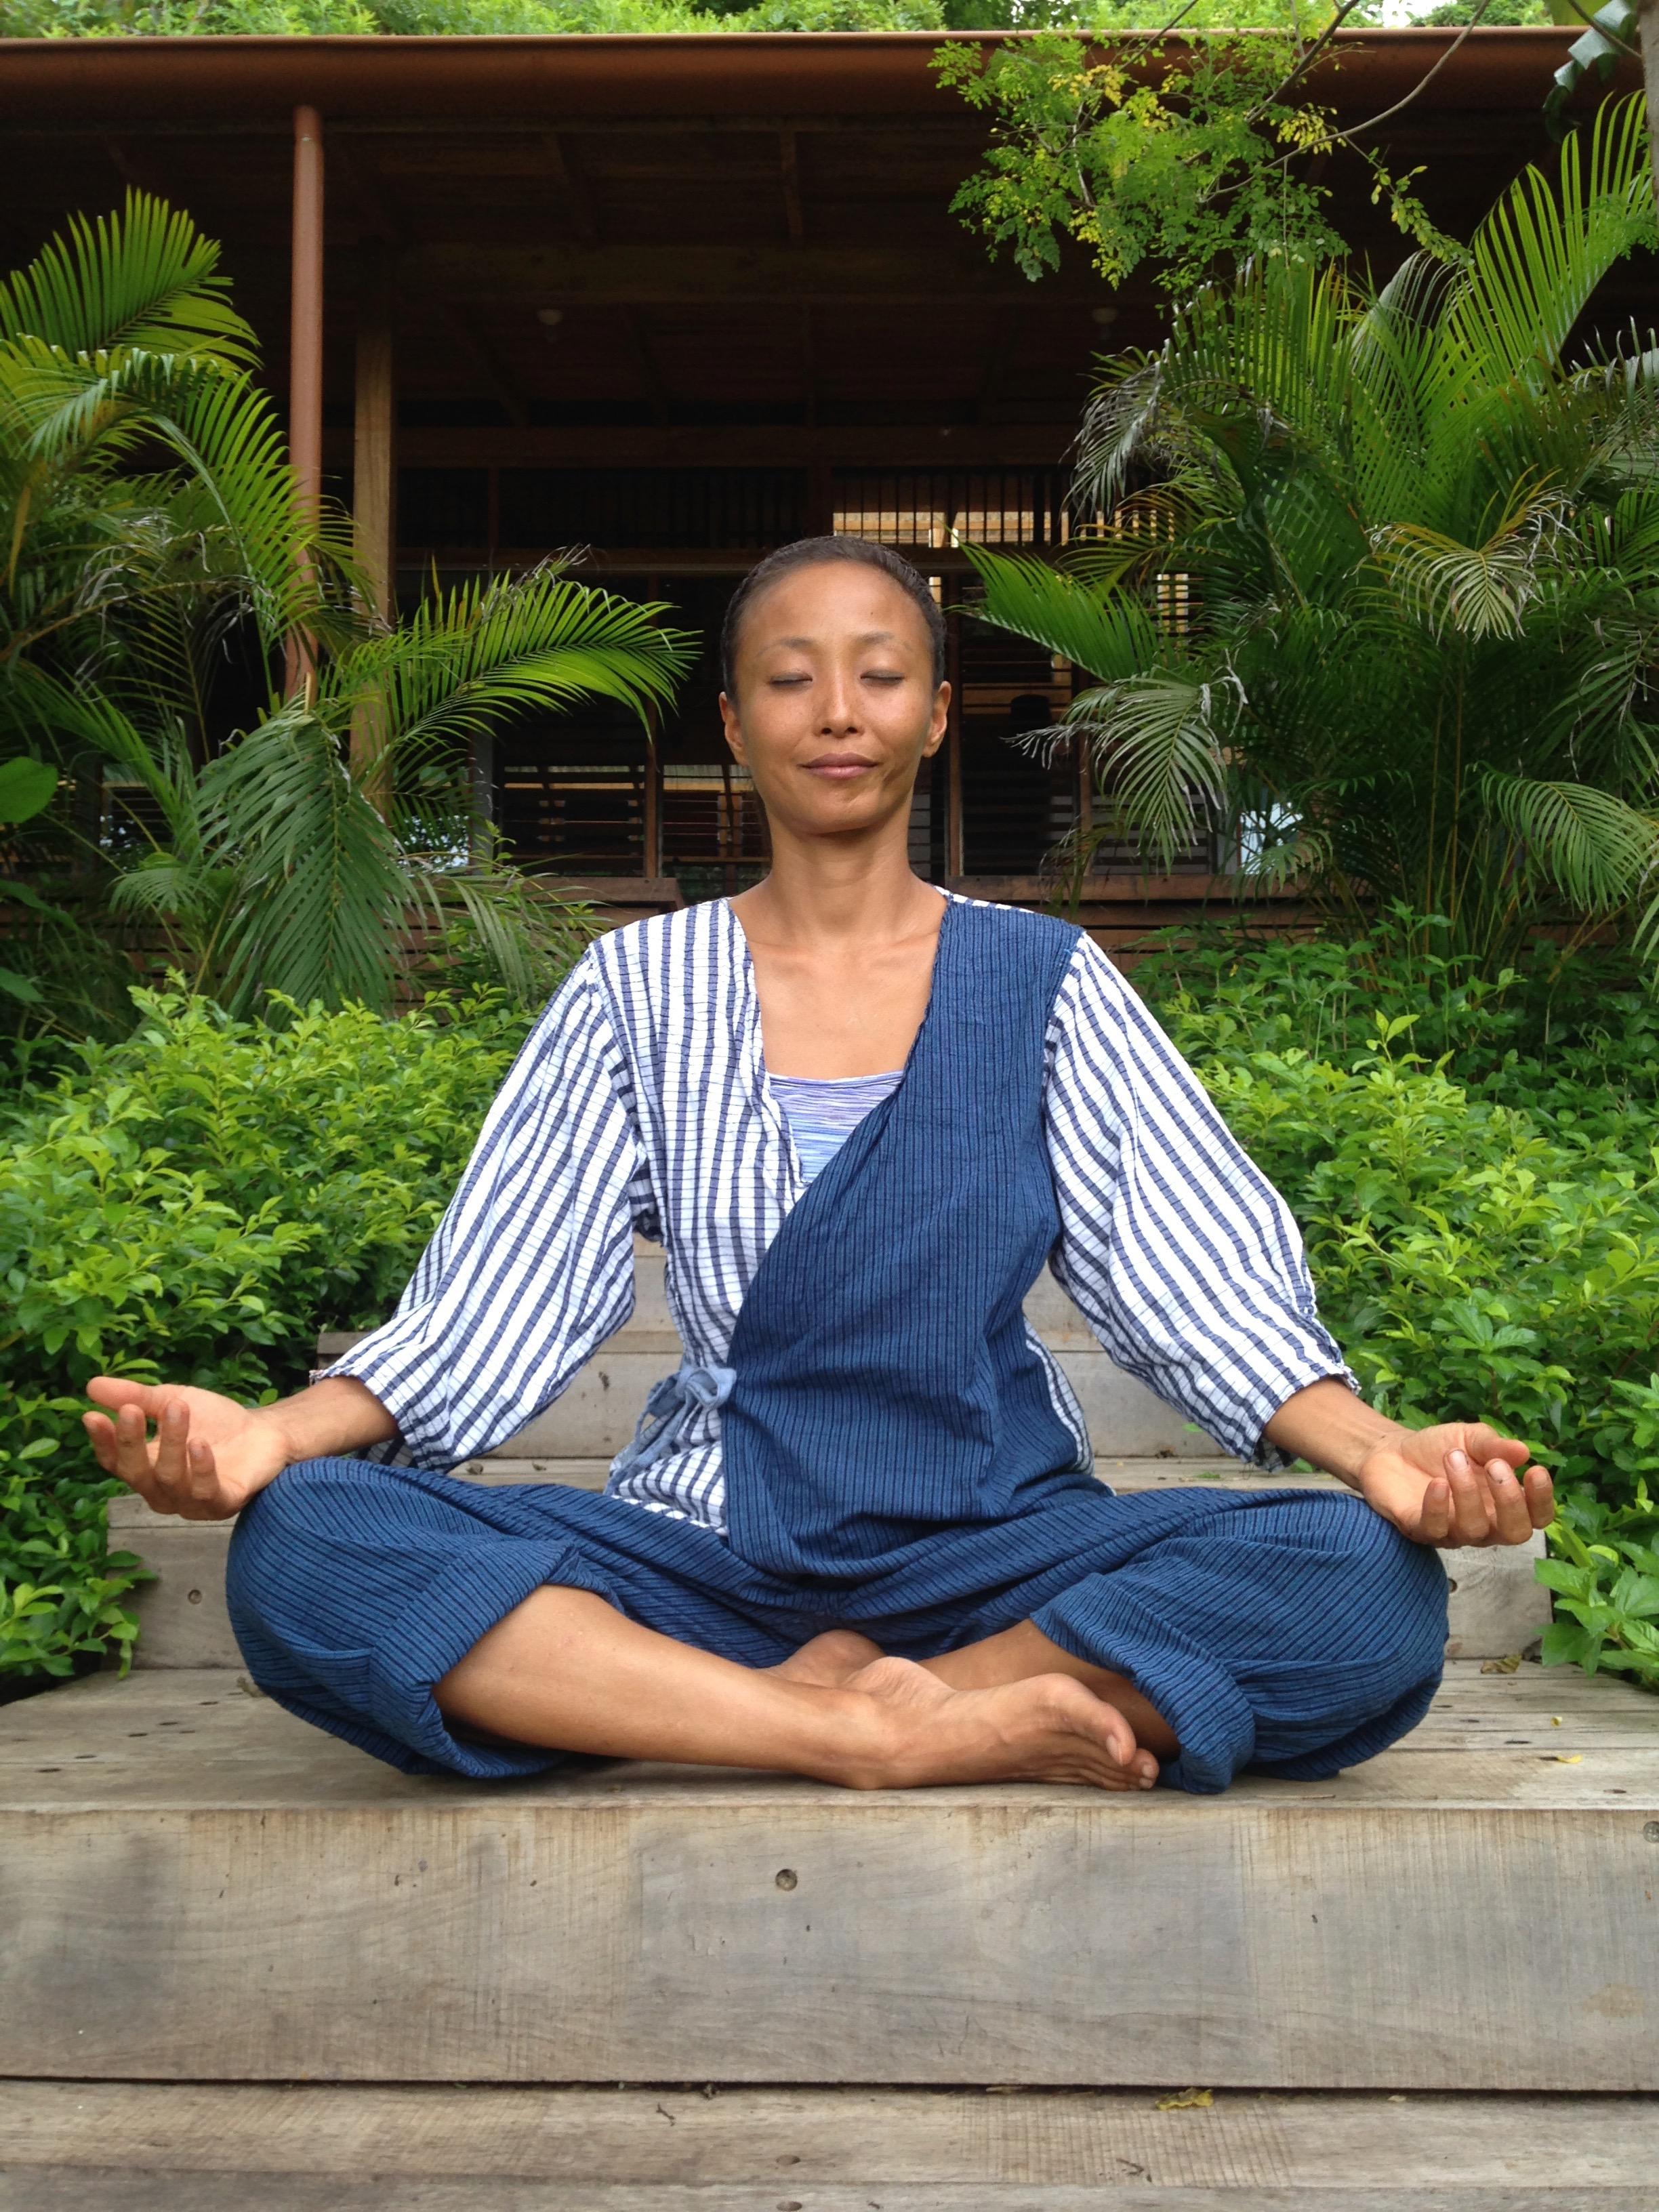 オンラインで習得できる 「瞑想ビギナーコース」 も作成。気軽に瞑想を始めたい人に好評で、じわじわと広がっている。